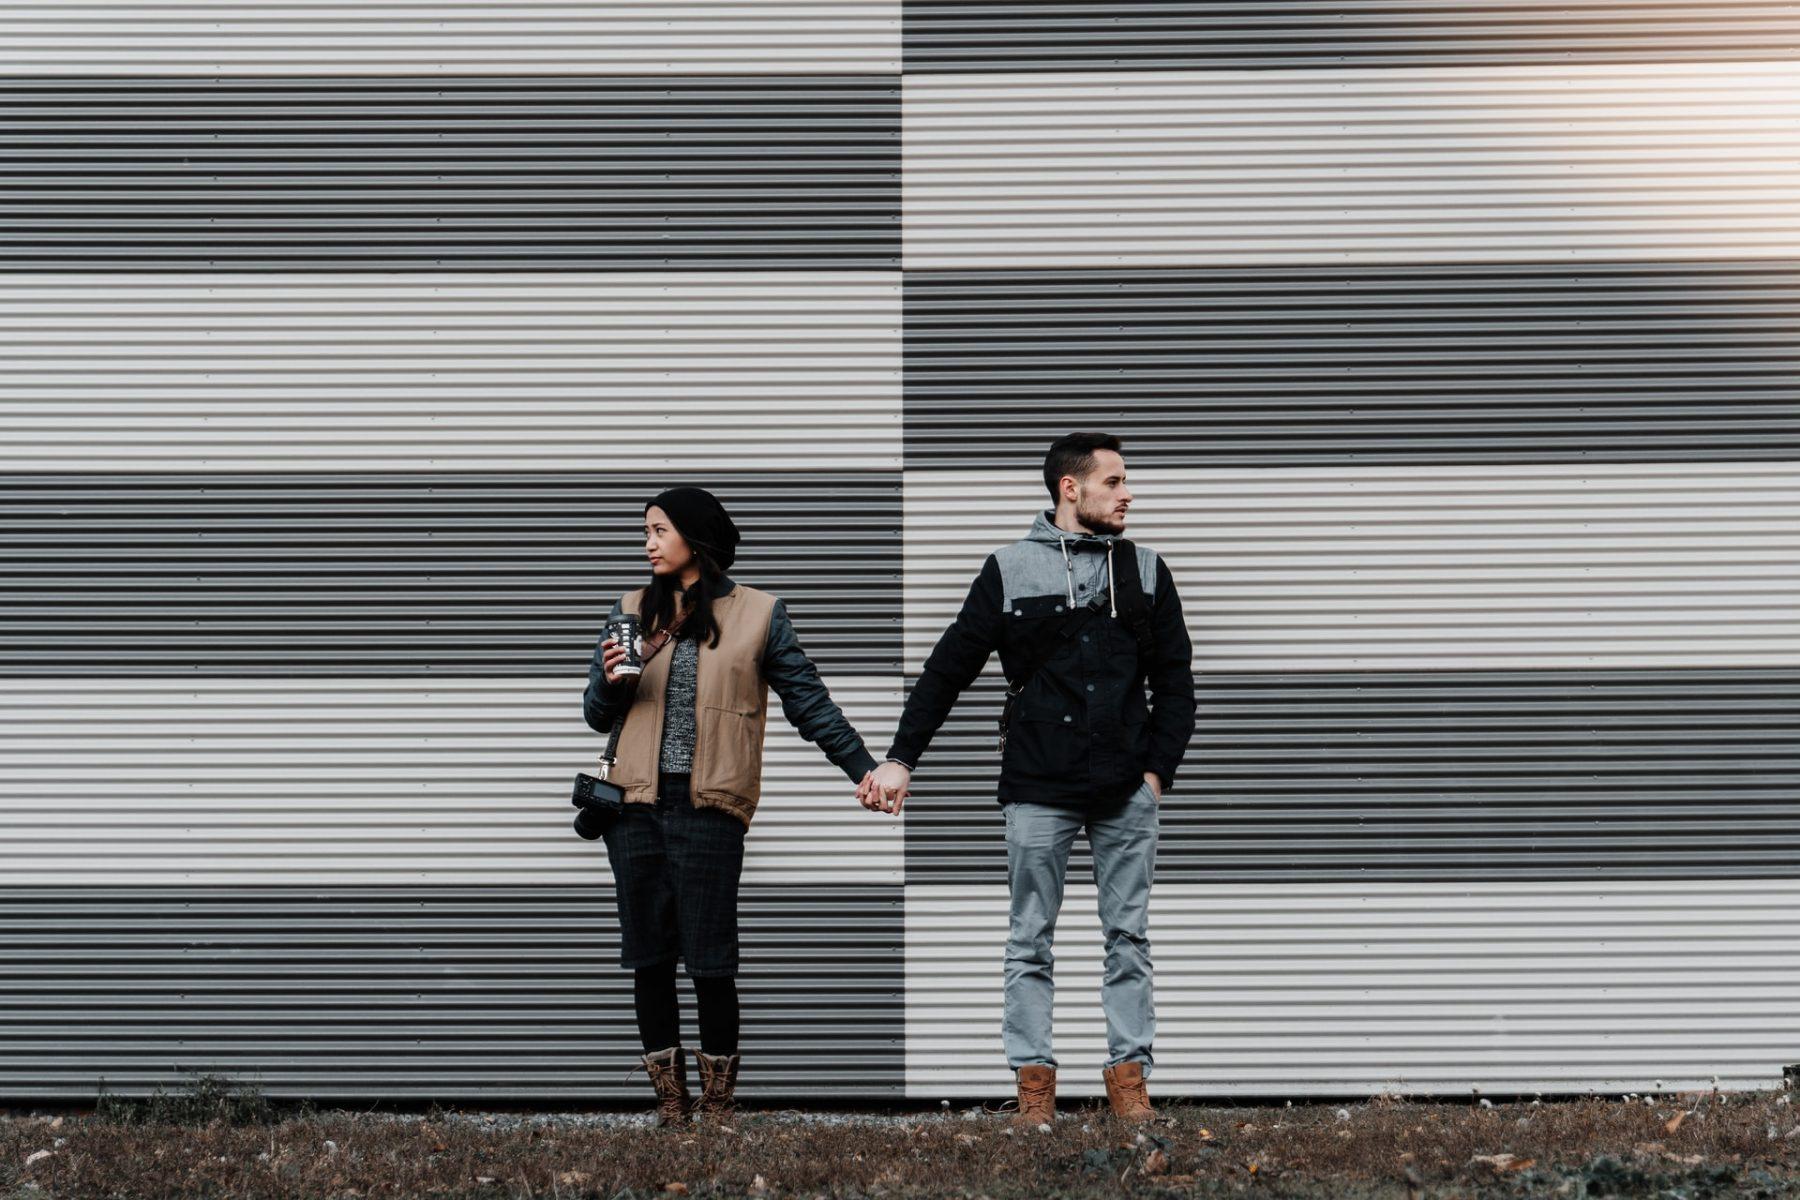 Ζευγάρια καβγάς αυτοφροντίδα: 3 βήματα προς την επιδιόρθωση της σχέσης μετά από έναν τσακωμό